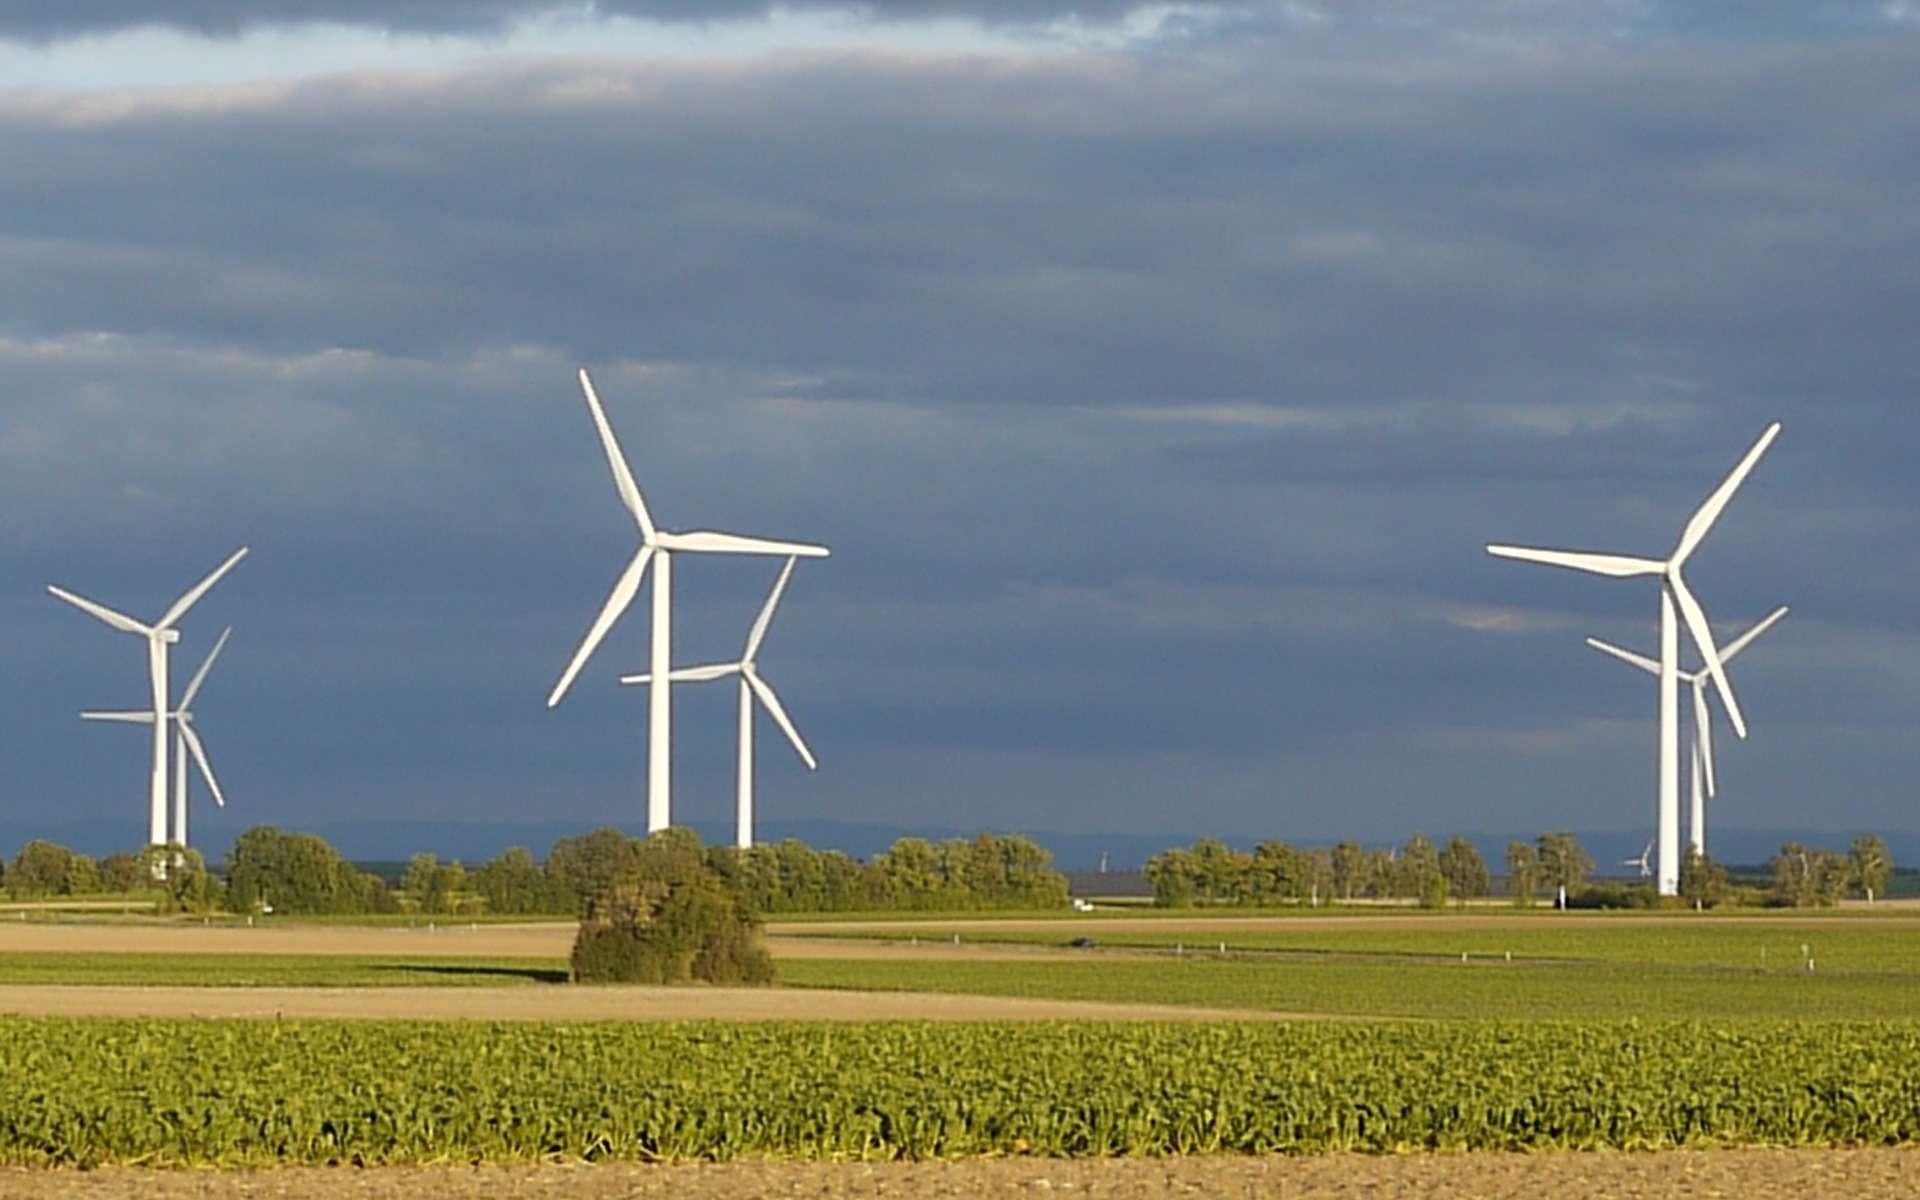 Les éoliennes doivent être intégralement blanches. (Dans le début des années 2000, il était autorisé de peindre les extrémités des pales d'éoliennes en rouge. Cependant, la règle a changé fin 2012). © Pewi, Pixabay, DP